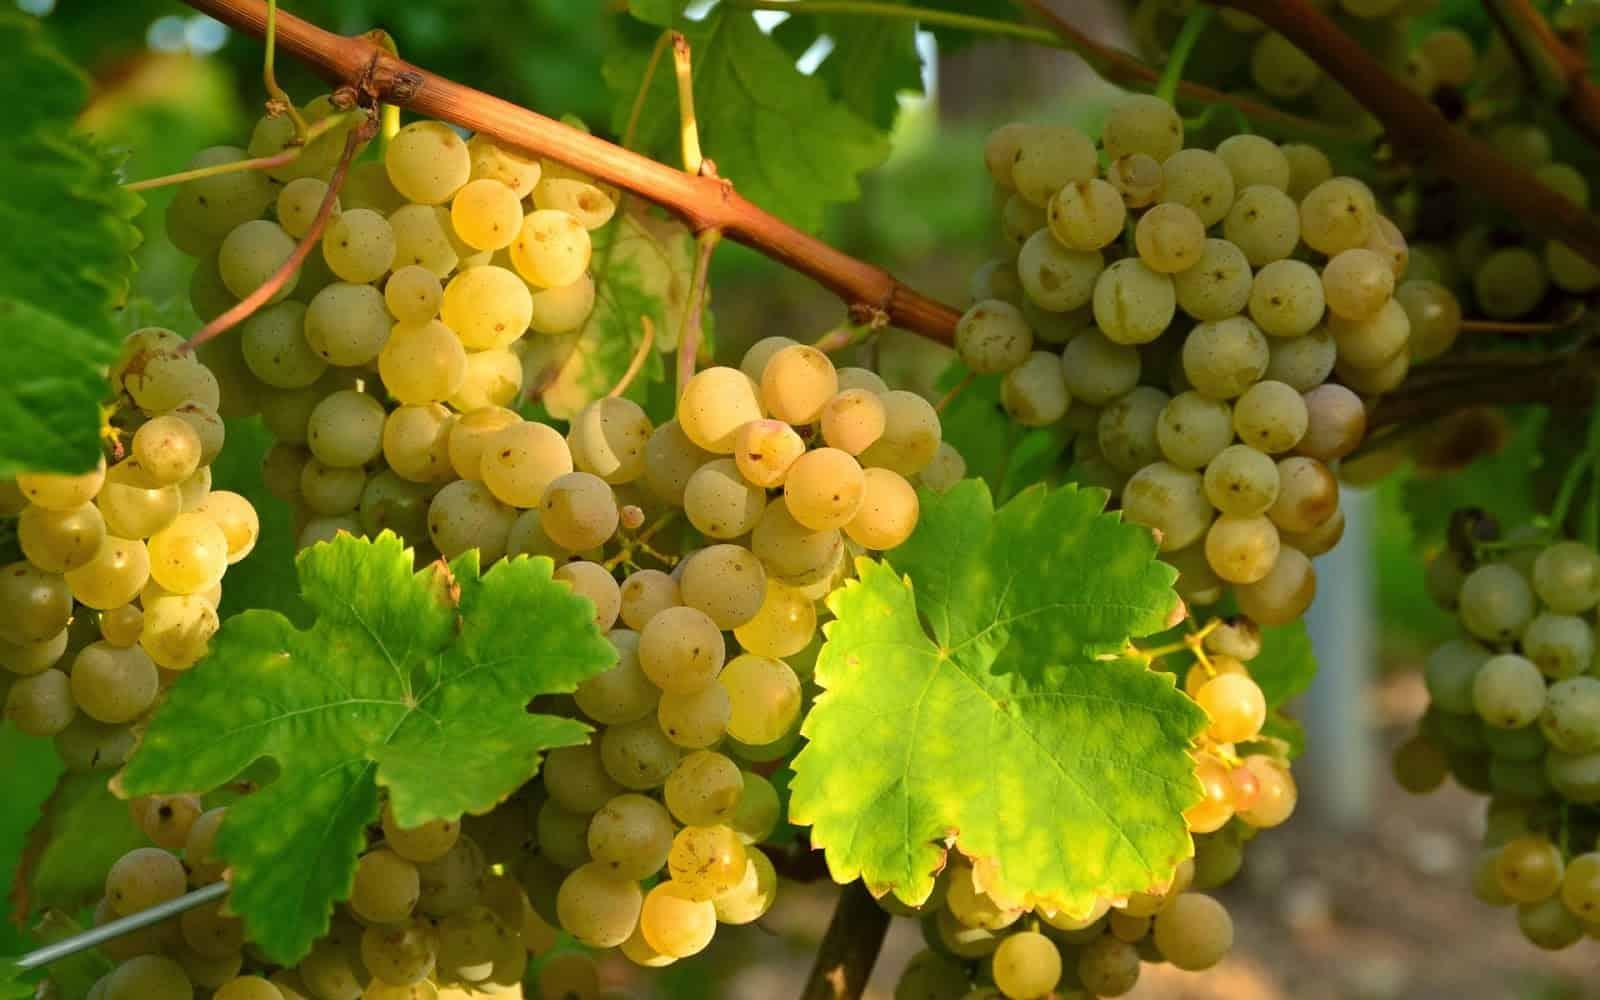 Правильный уход и подготовка винограда в подмосковье к зиме